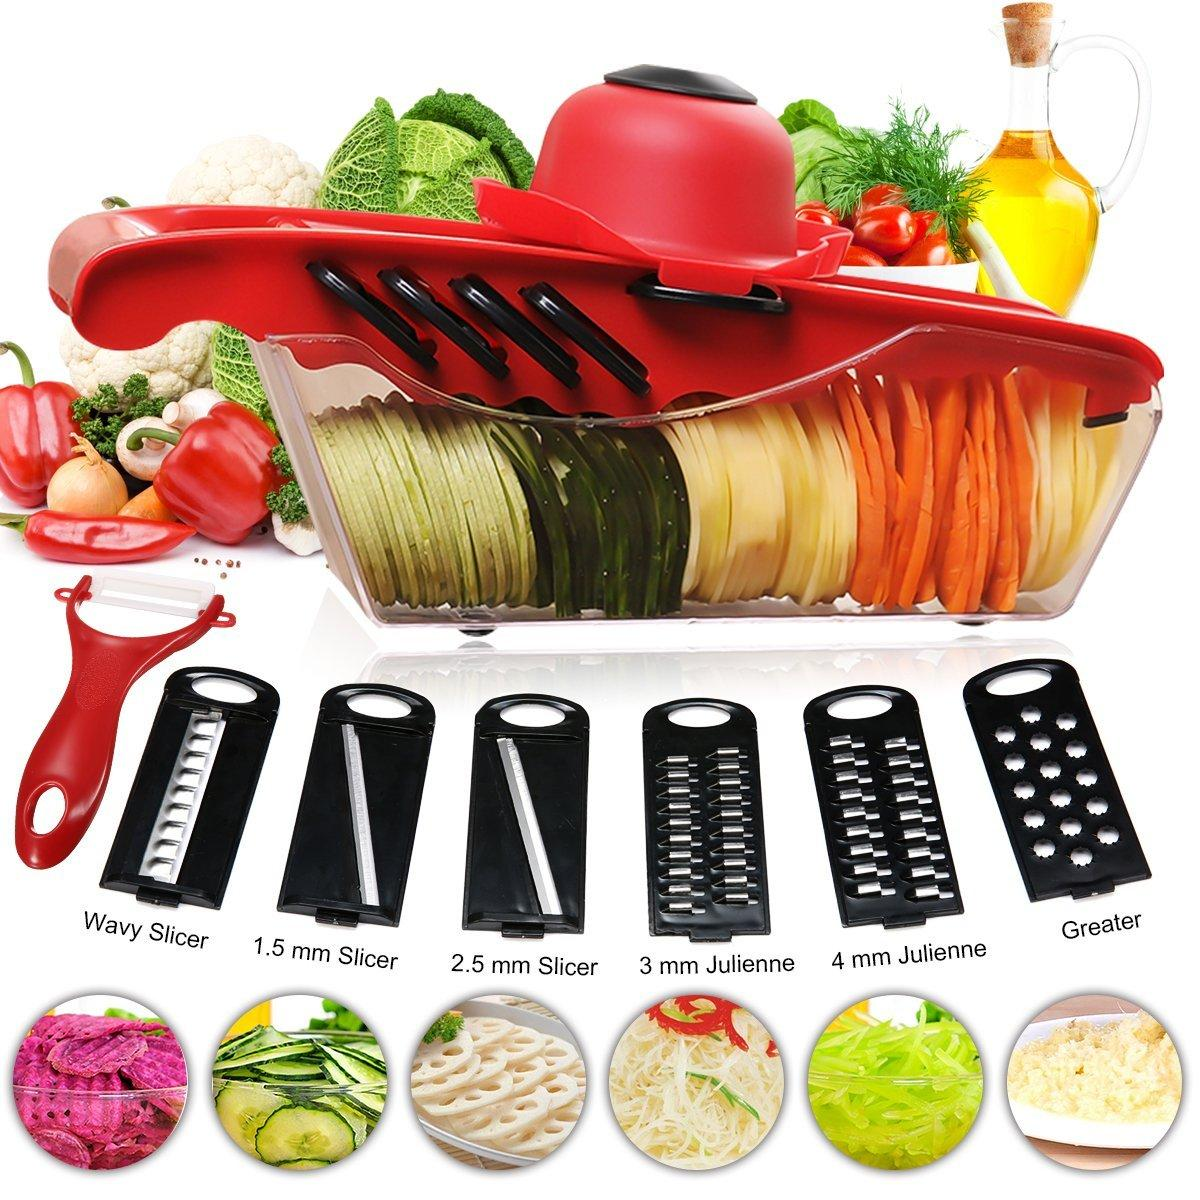 Sparschäler Streifenschneider/Spiralschneider für Gemüse-Spaghetti Edelstahl Kartoffelschäler/Gemüseschneider für Obst und Gemüse